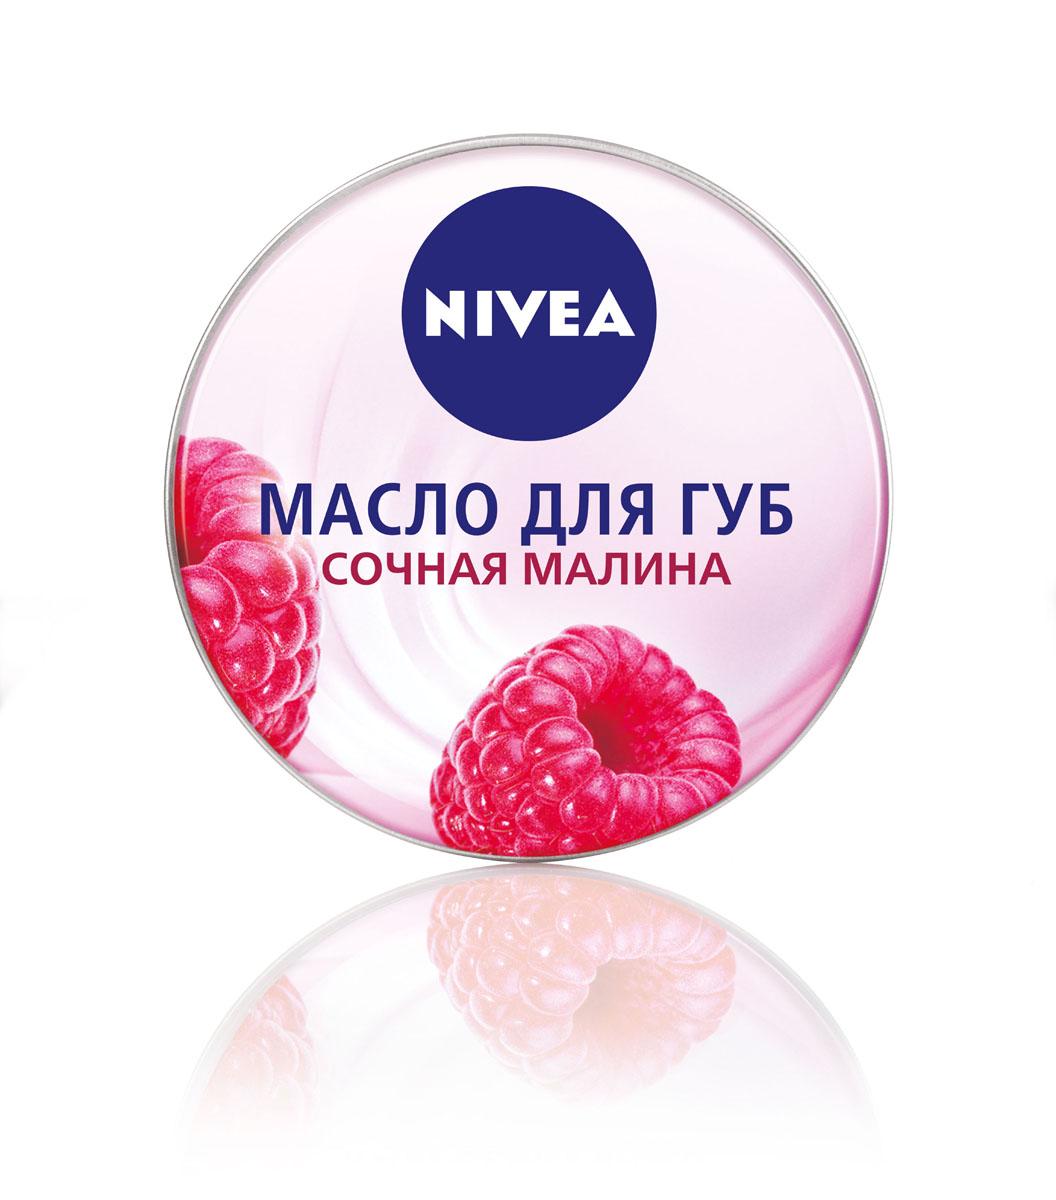 NIVEA Масло для губ «Сочная малина» 19 мл10062080•Масло для губ от NIVEA — это новая гамма восхитительных вкусов и ароматов, которая превращает уход за губами в истинное удовольствие. Увлажняющая формула, обогощенная маслами карите и миндаля, интенсивно и надолго увлажняет кожу губ. Масло для губ с нежным ароматом малины делает кожу губ невероятно мягкой.Как это работает•обеспечивает интенсивный уход в течение длительного времени•подходит для сухих губ•придает необыкновенную мягкость•придает естественный блеск Одобрено дерматологами NIVEA — всё для самых нежных поцелуев!